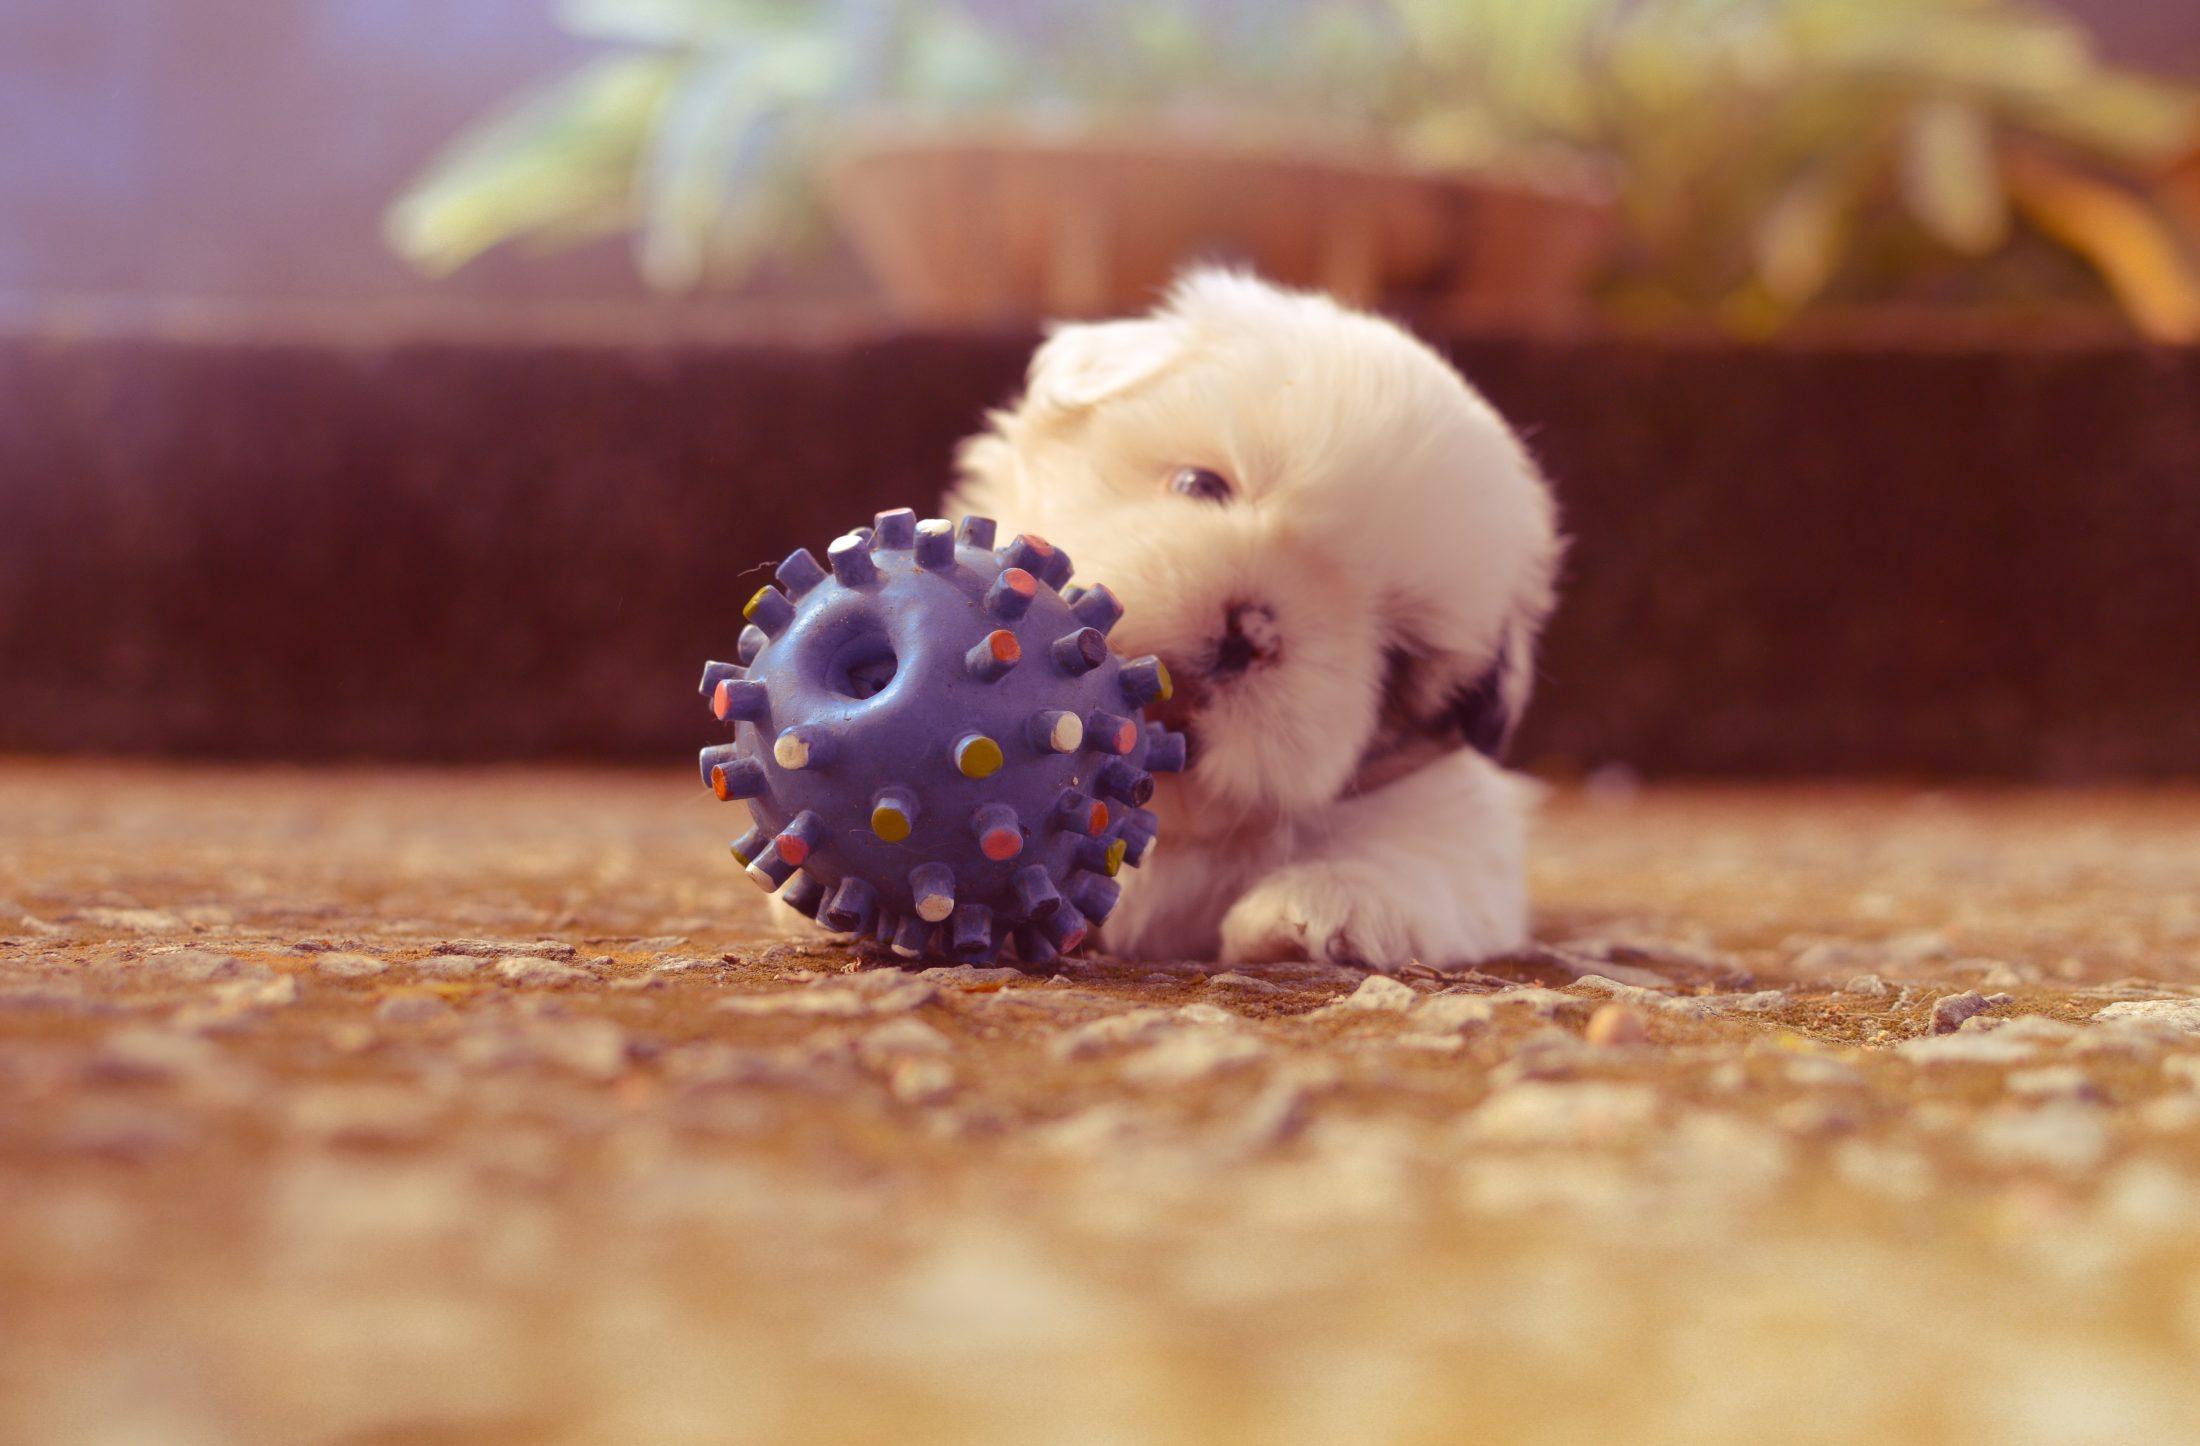 filhote de cachorro brincando com bolinha no chão